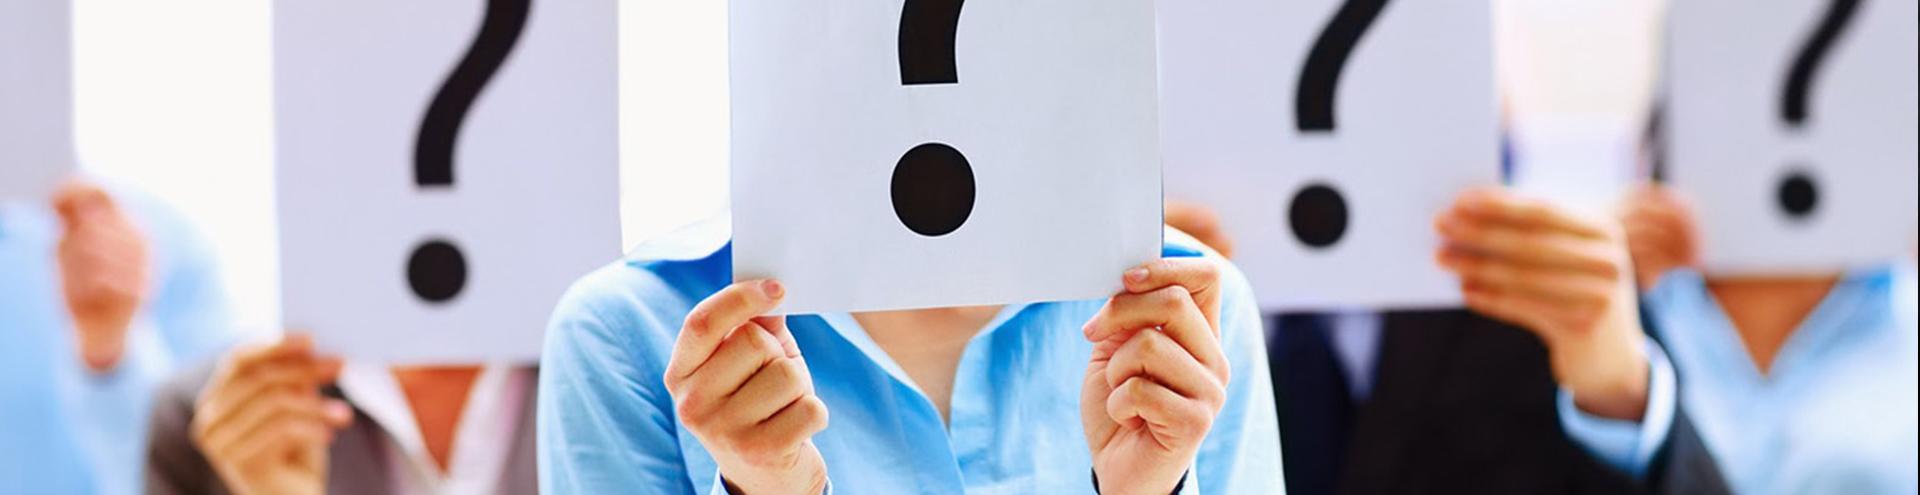 Задать вопрос юристу онлайн в Челябинске